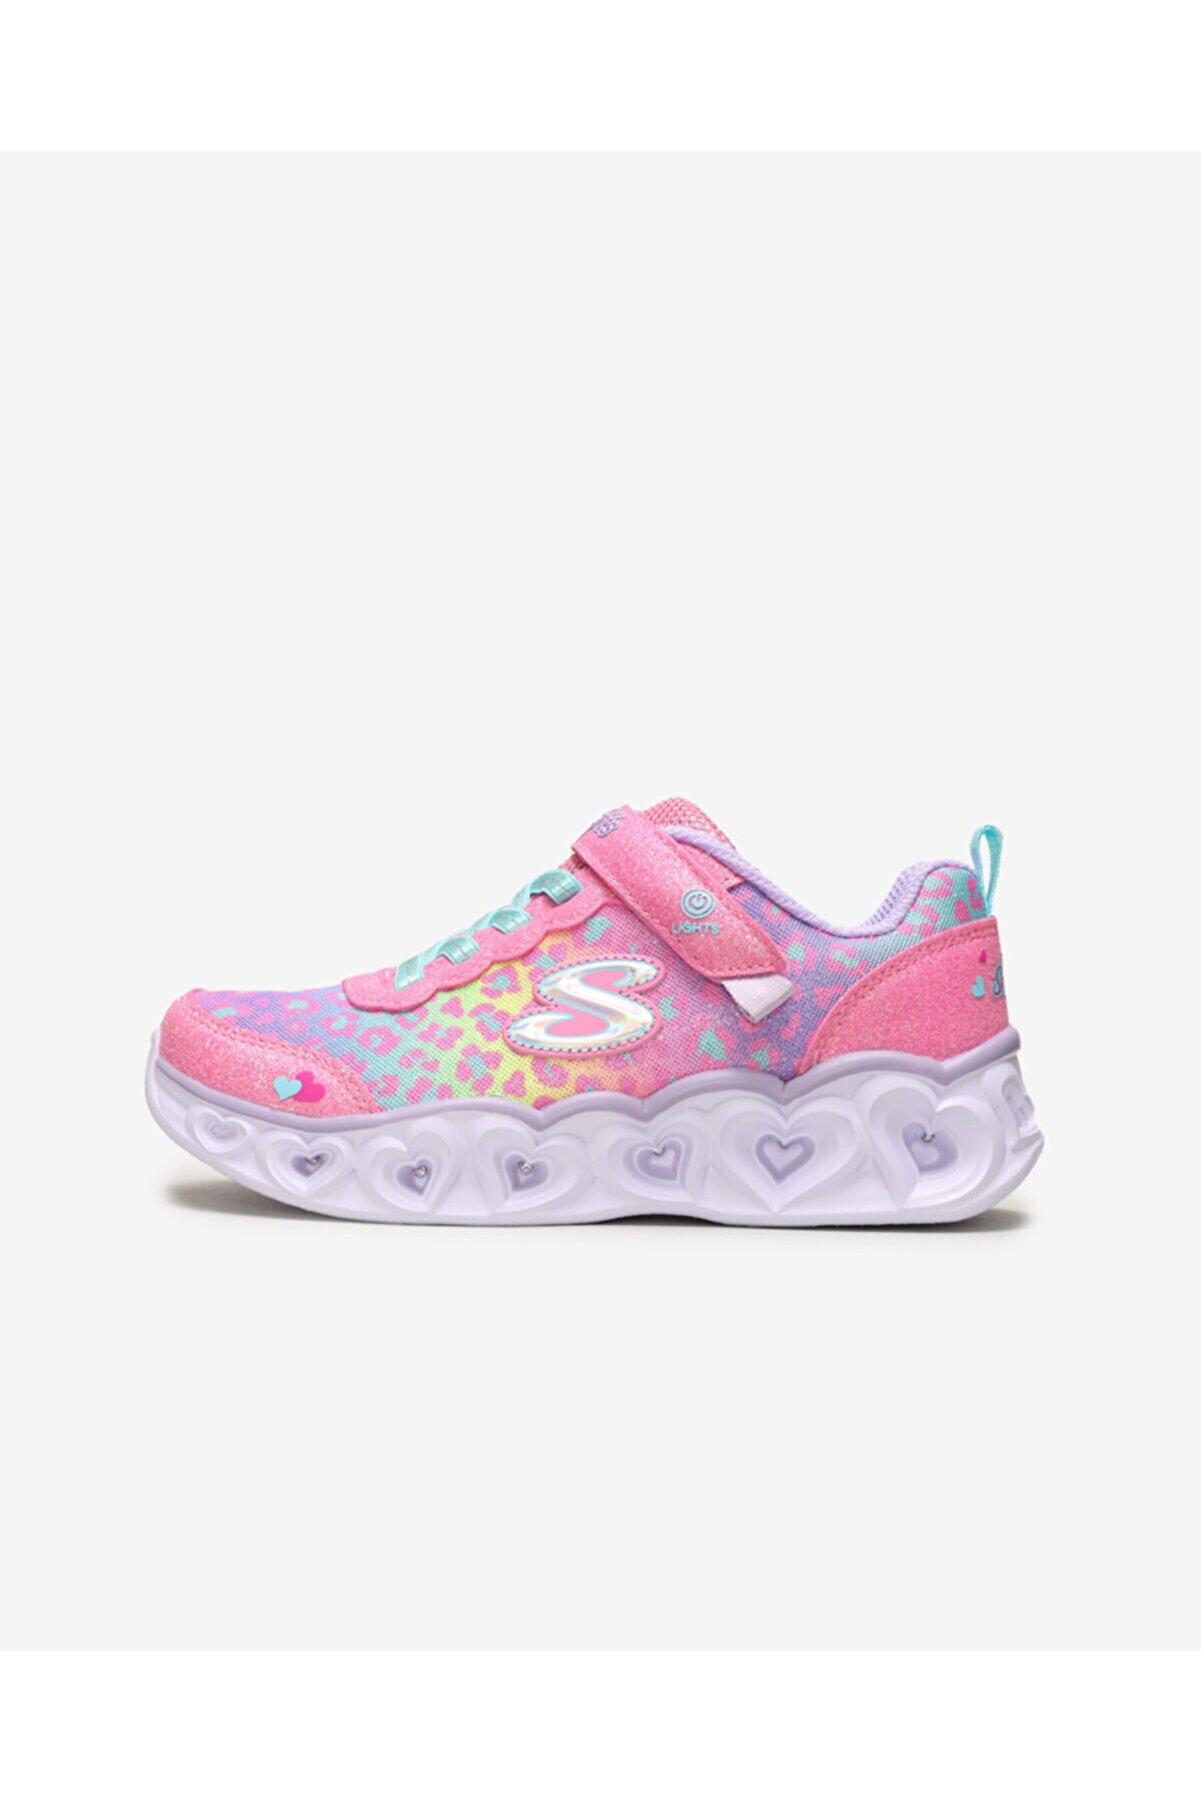 Skechers Büyük Kız Çocuk Pembe Spor Ayakkabı